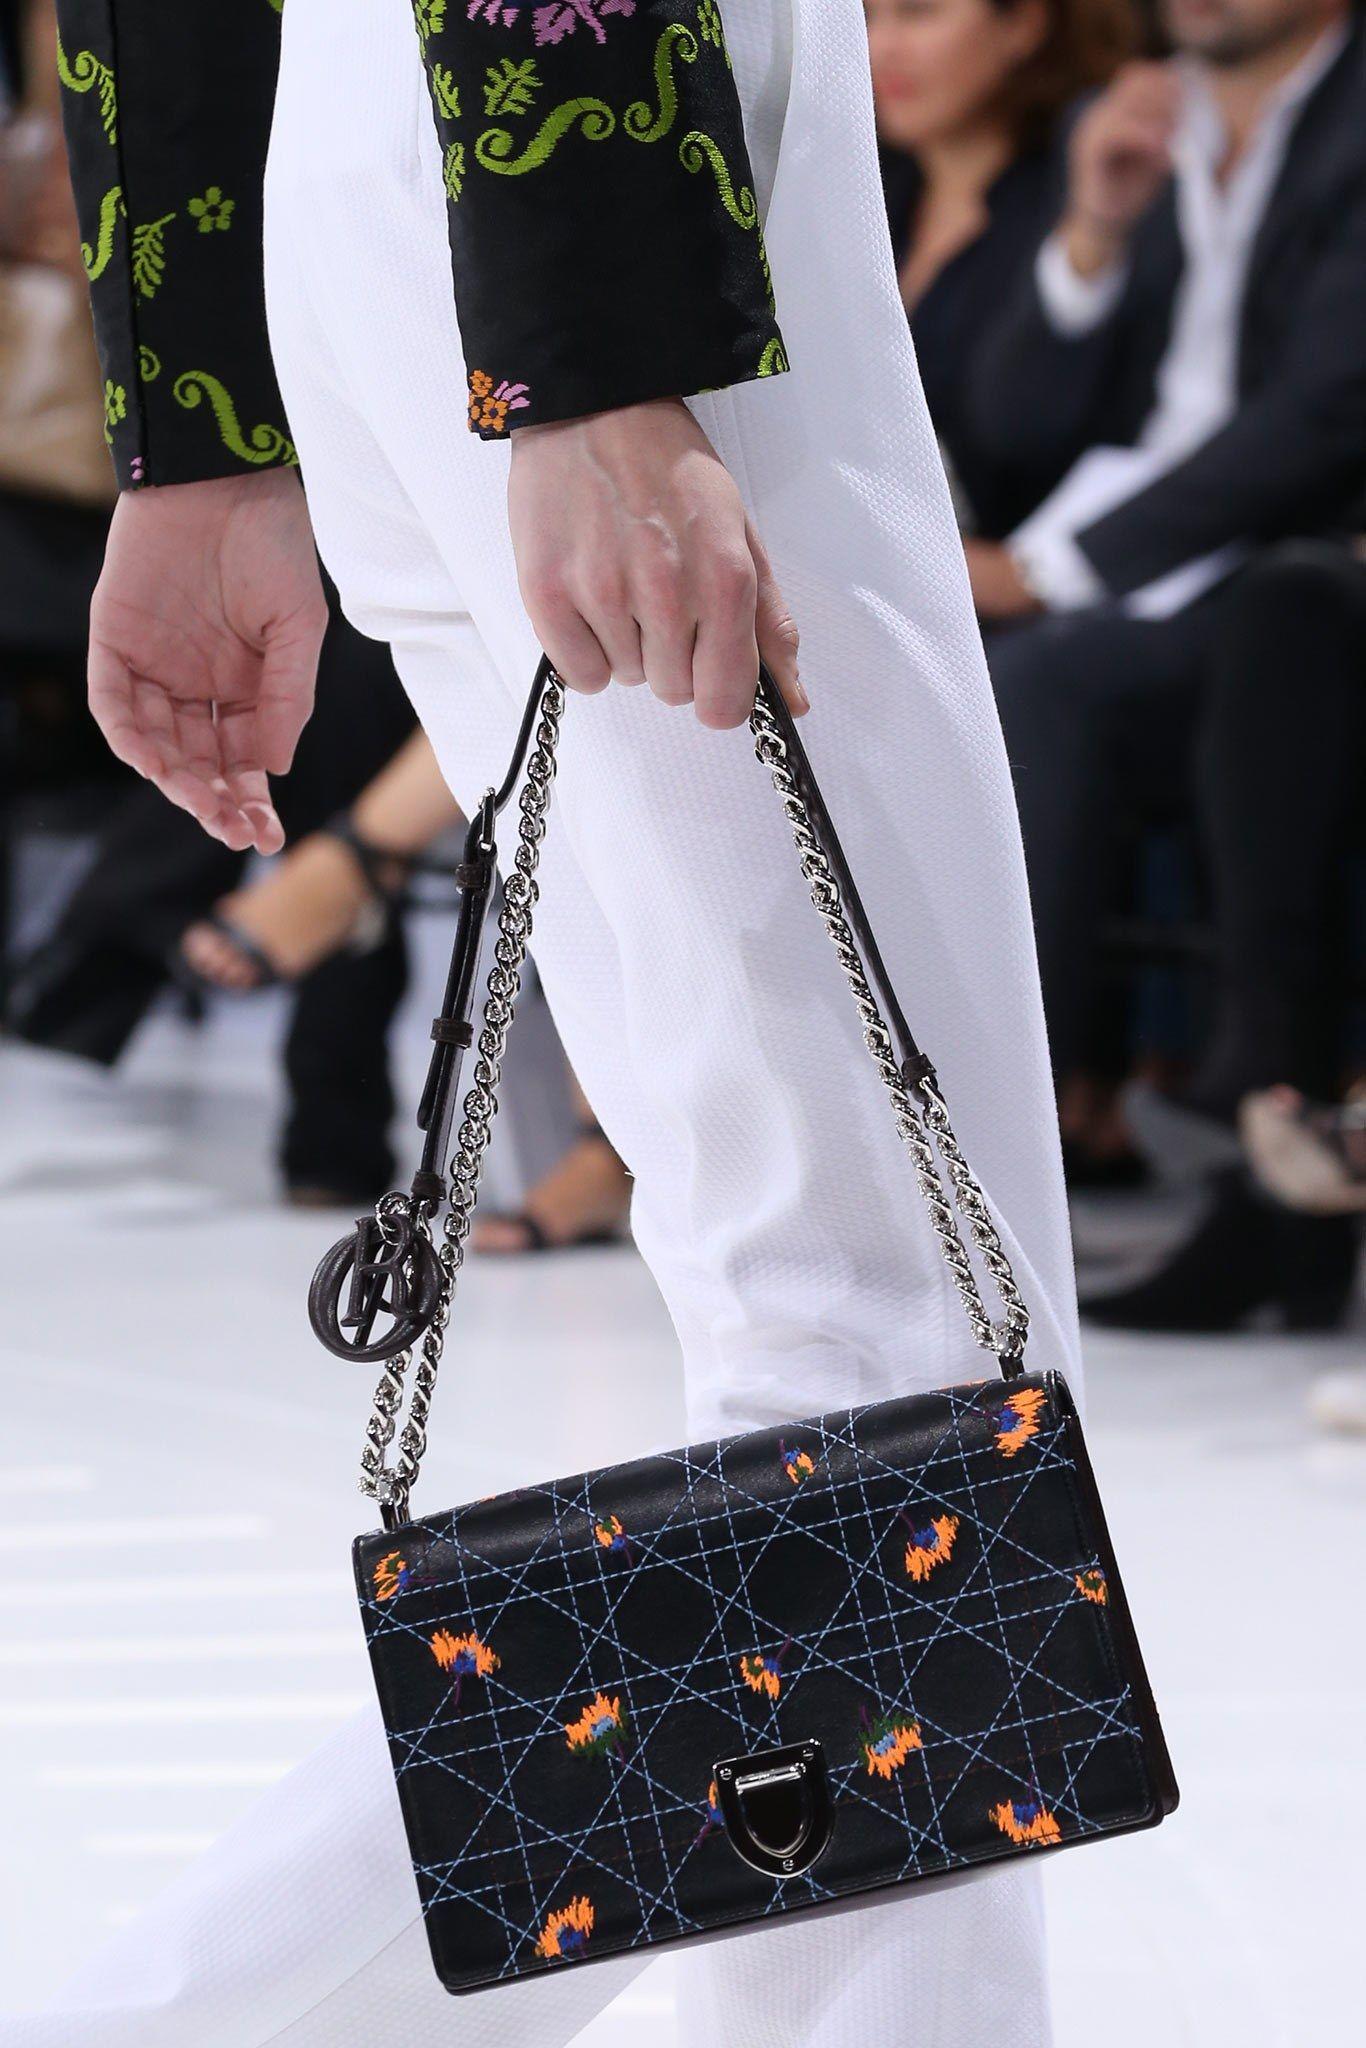 Christian Dior Spring 2015 ReadytoWear Fashion Show